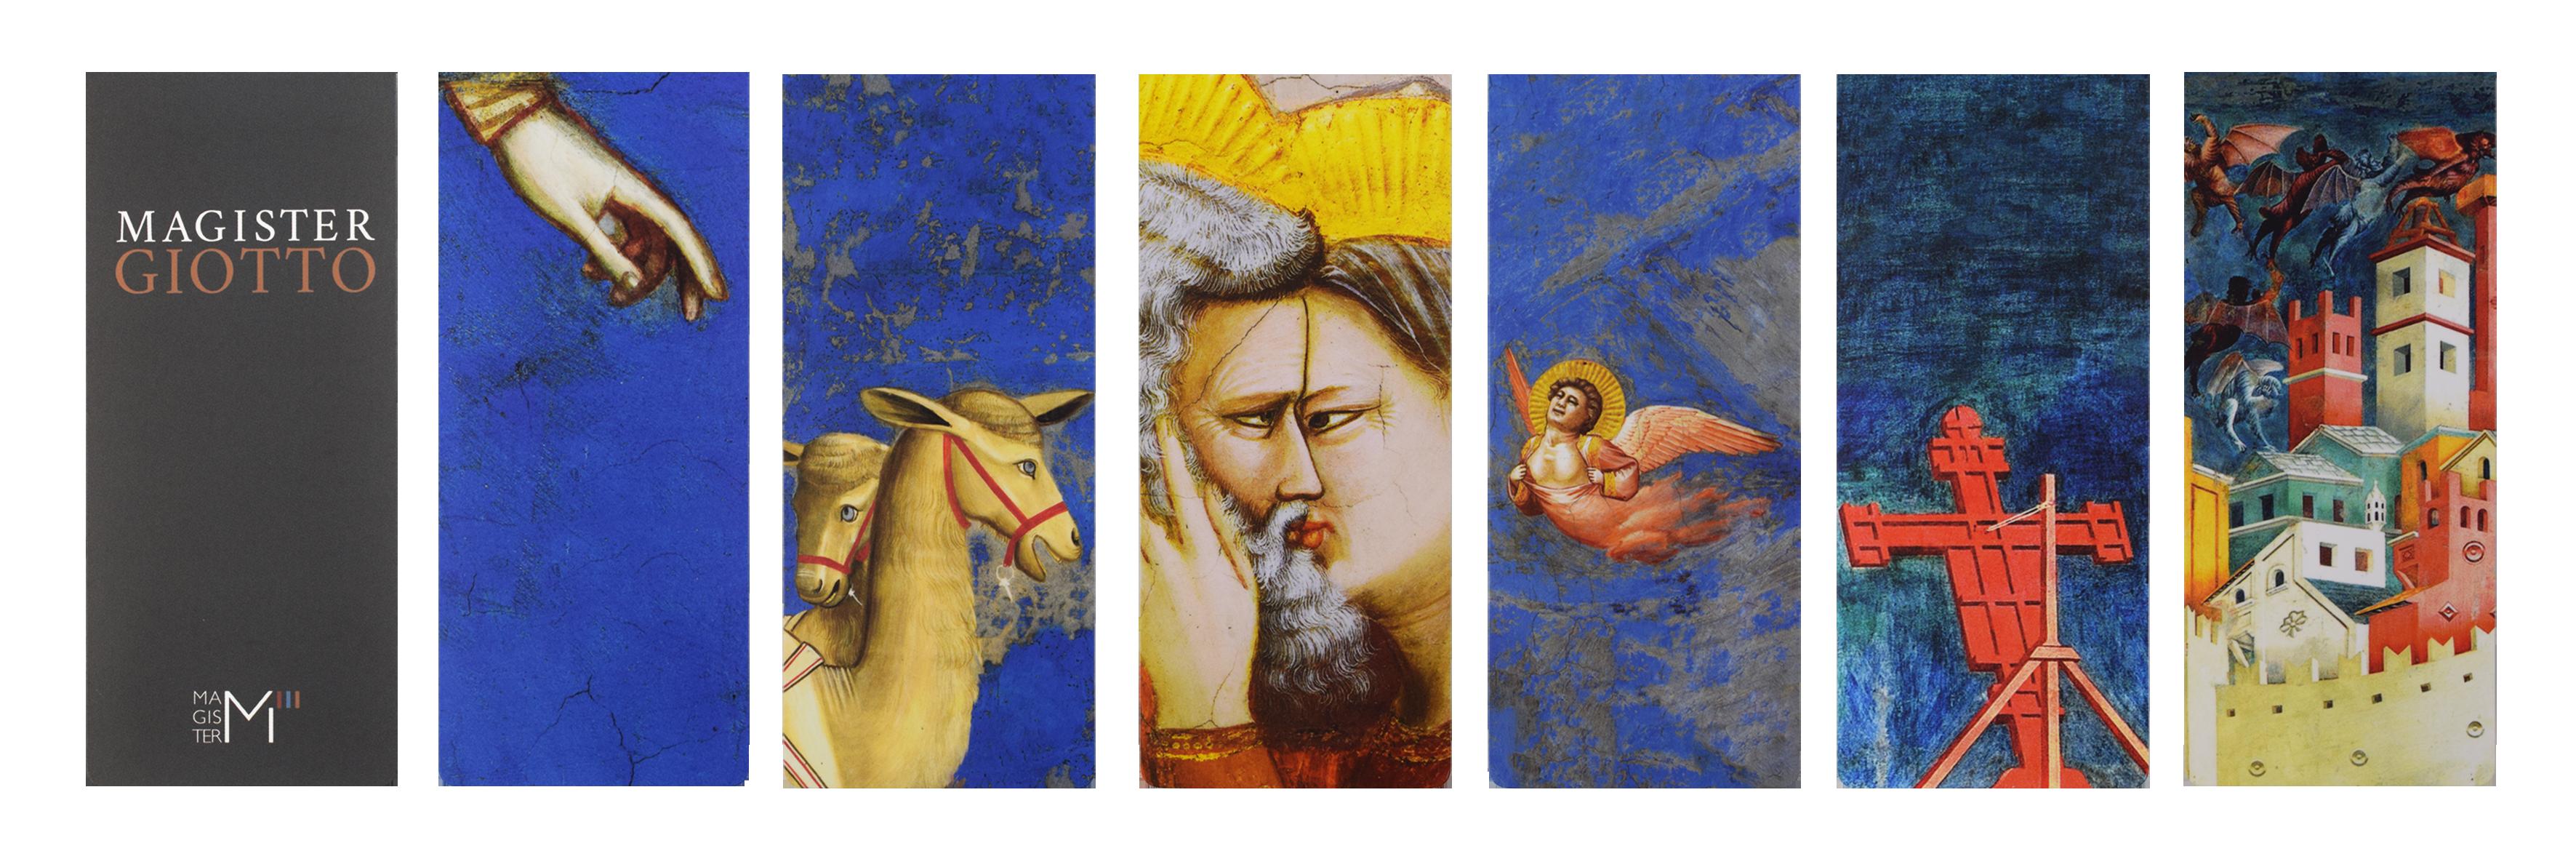 Segnalibri personalizzati realizzati per Magister Giotto